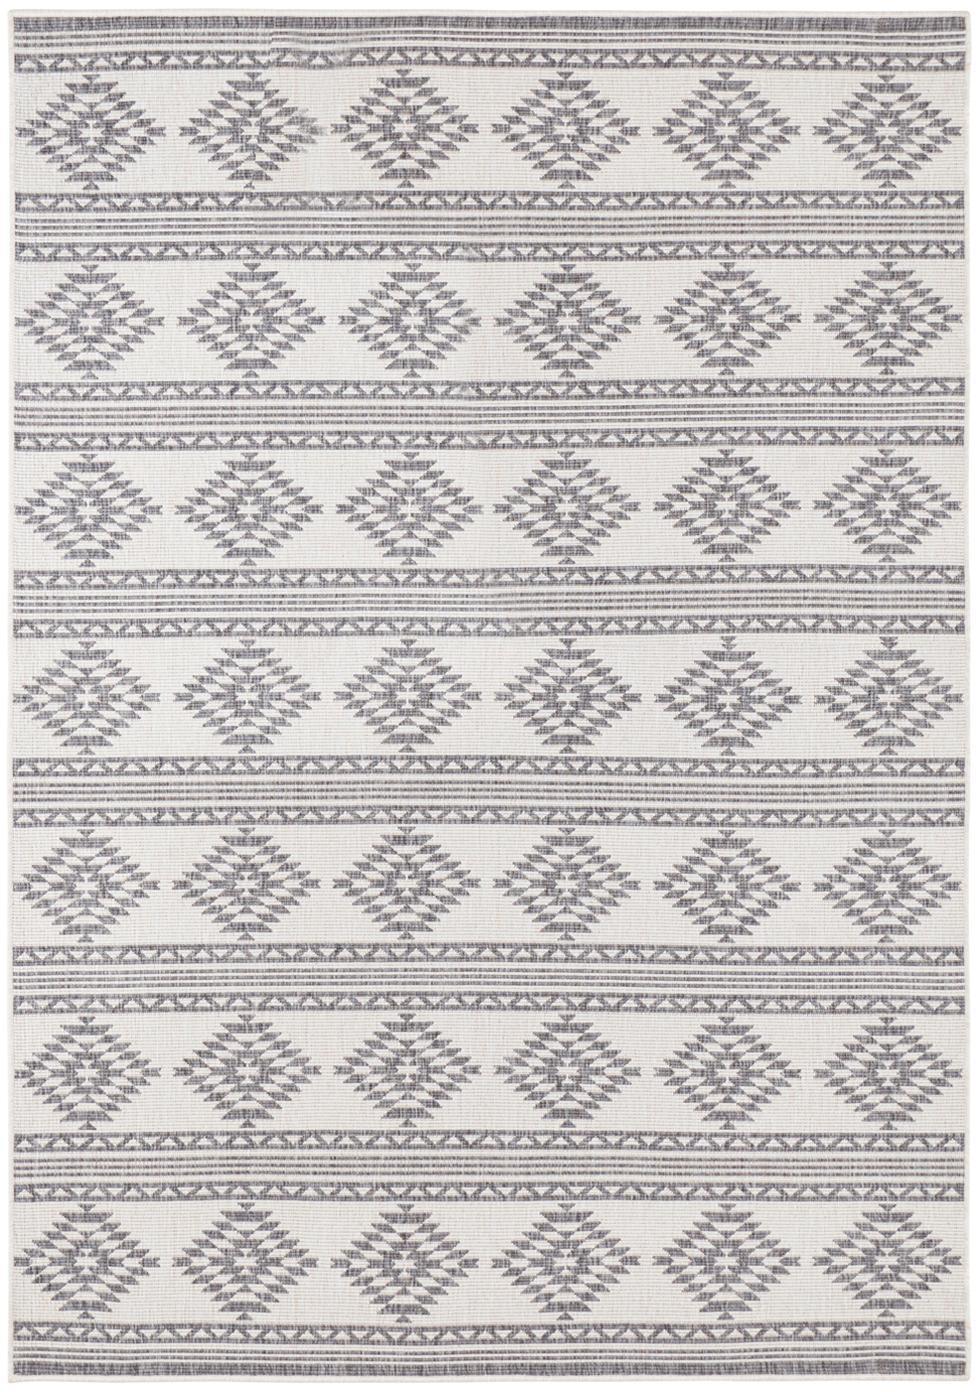 Ethno In- und Outdoor Wendeteppich Maple in Grau/Creme, 100% Polypropylen, Grau, Creme, B 120 x L 170 cm (Größe S)